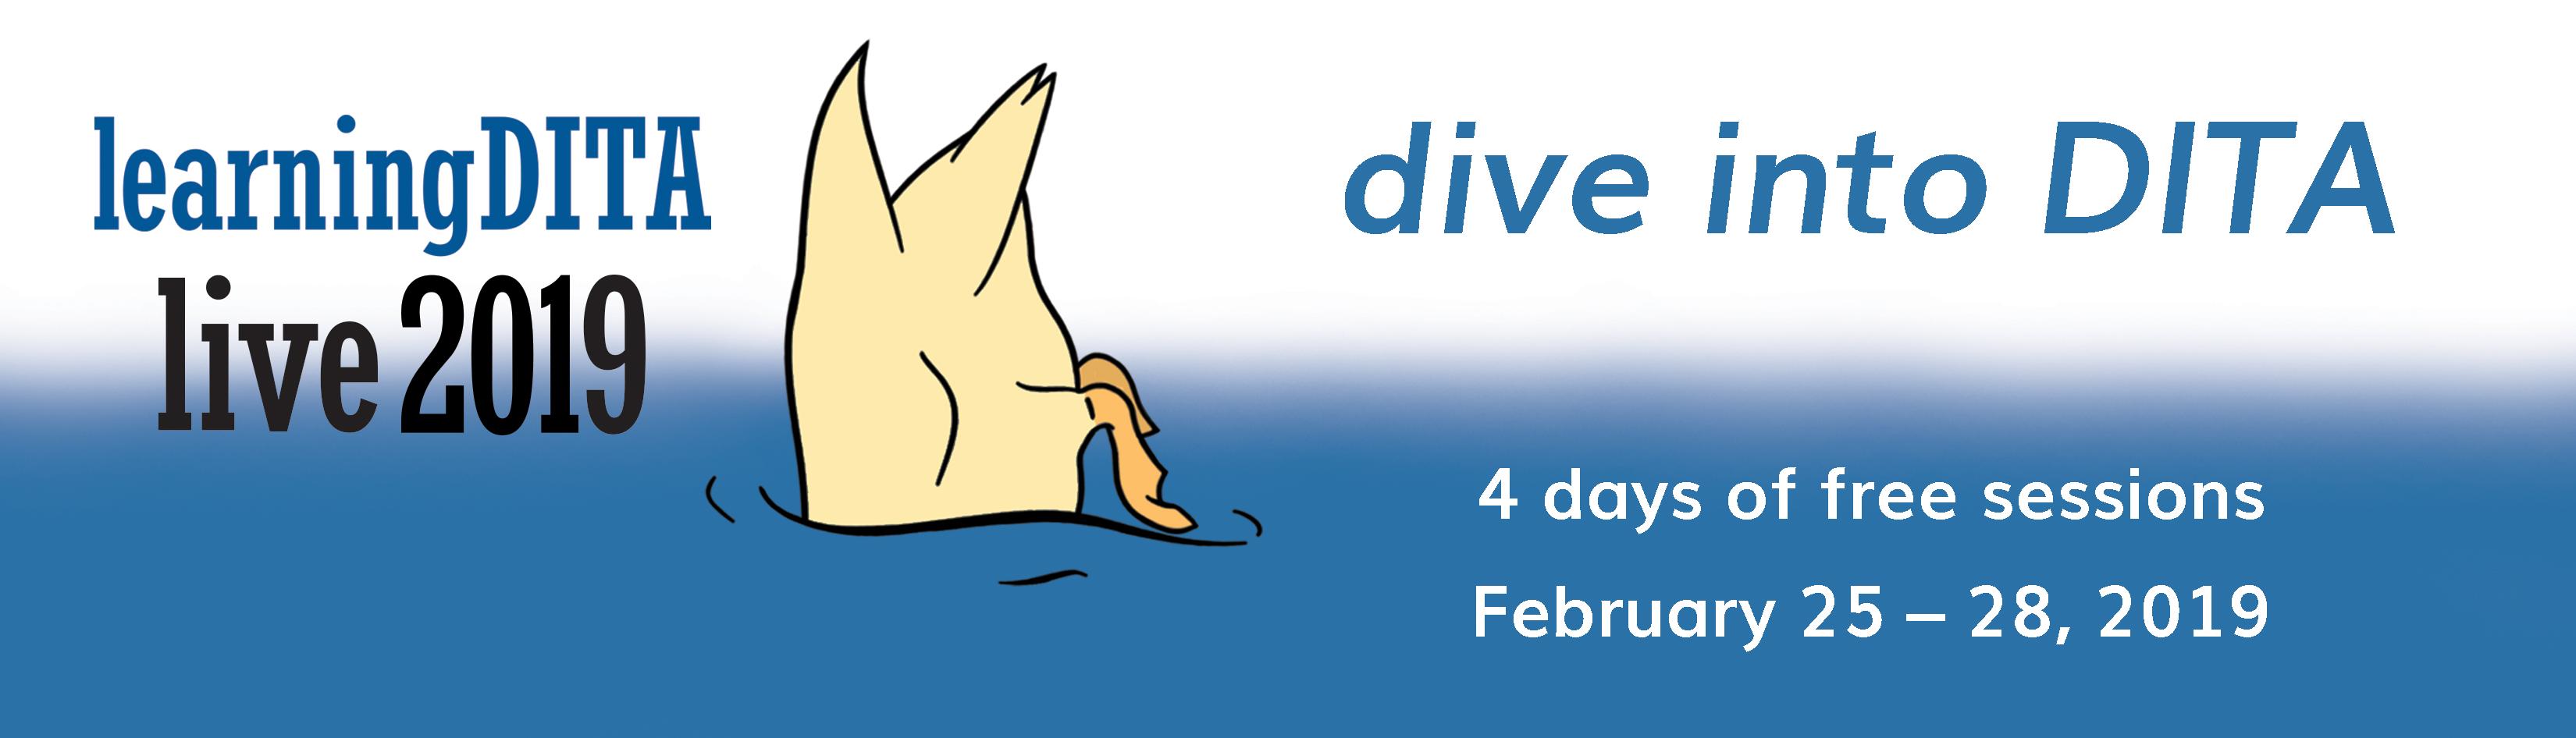 LearningDITA Live 2019 Dive into DITA